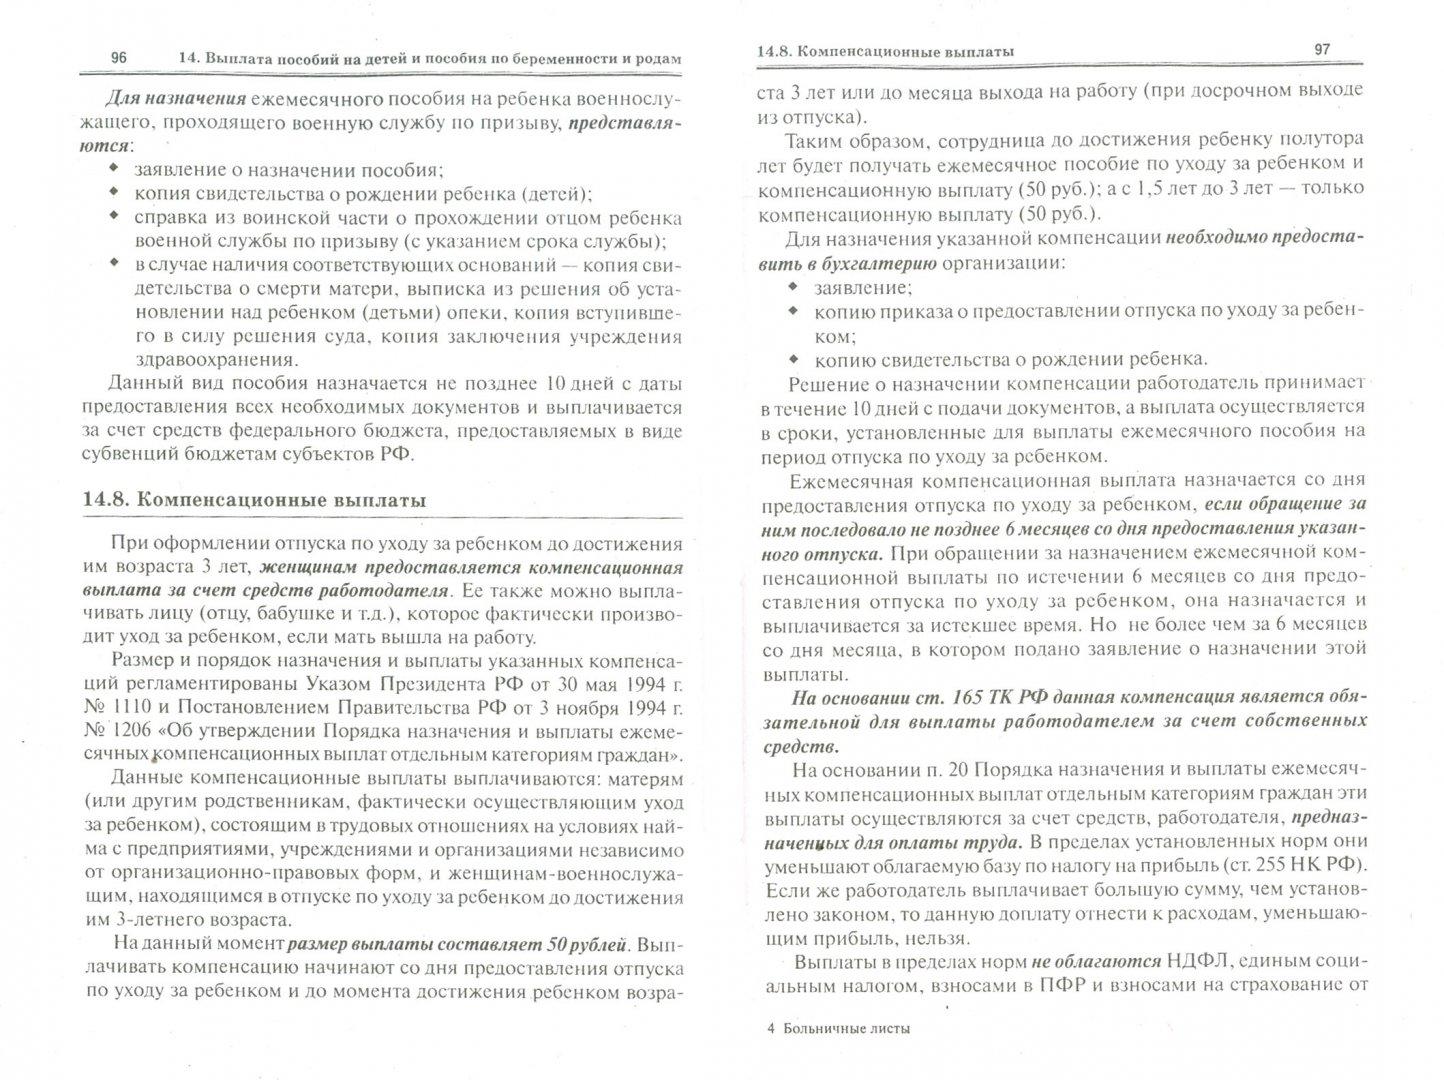 Иллюстрация 1 из 2 для Больничные листы: новый порядок расчета и выплаты: учебное пособие - Шитова, Сергеева | Лабиринт - книги. Источник: Лабиринт